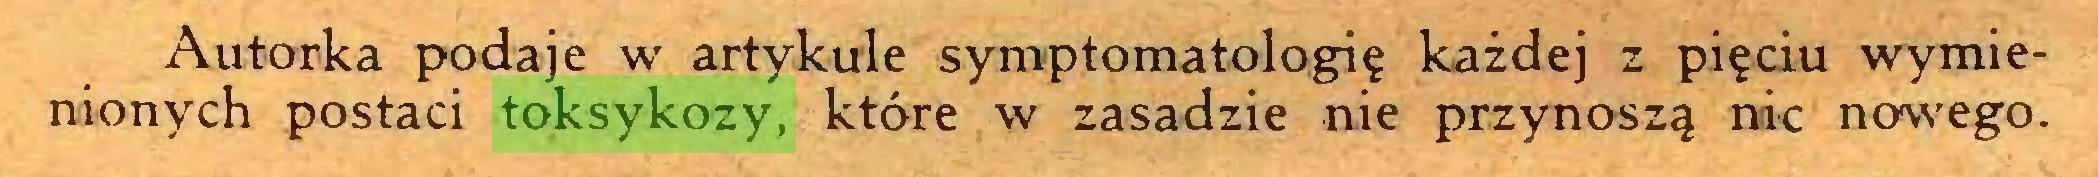 (...) Autorka podaje w artykule symptomatologię każdej z pięciu wymienionych postaci toksykozy, które w zasadzie nie przynoszą nic nowego...